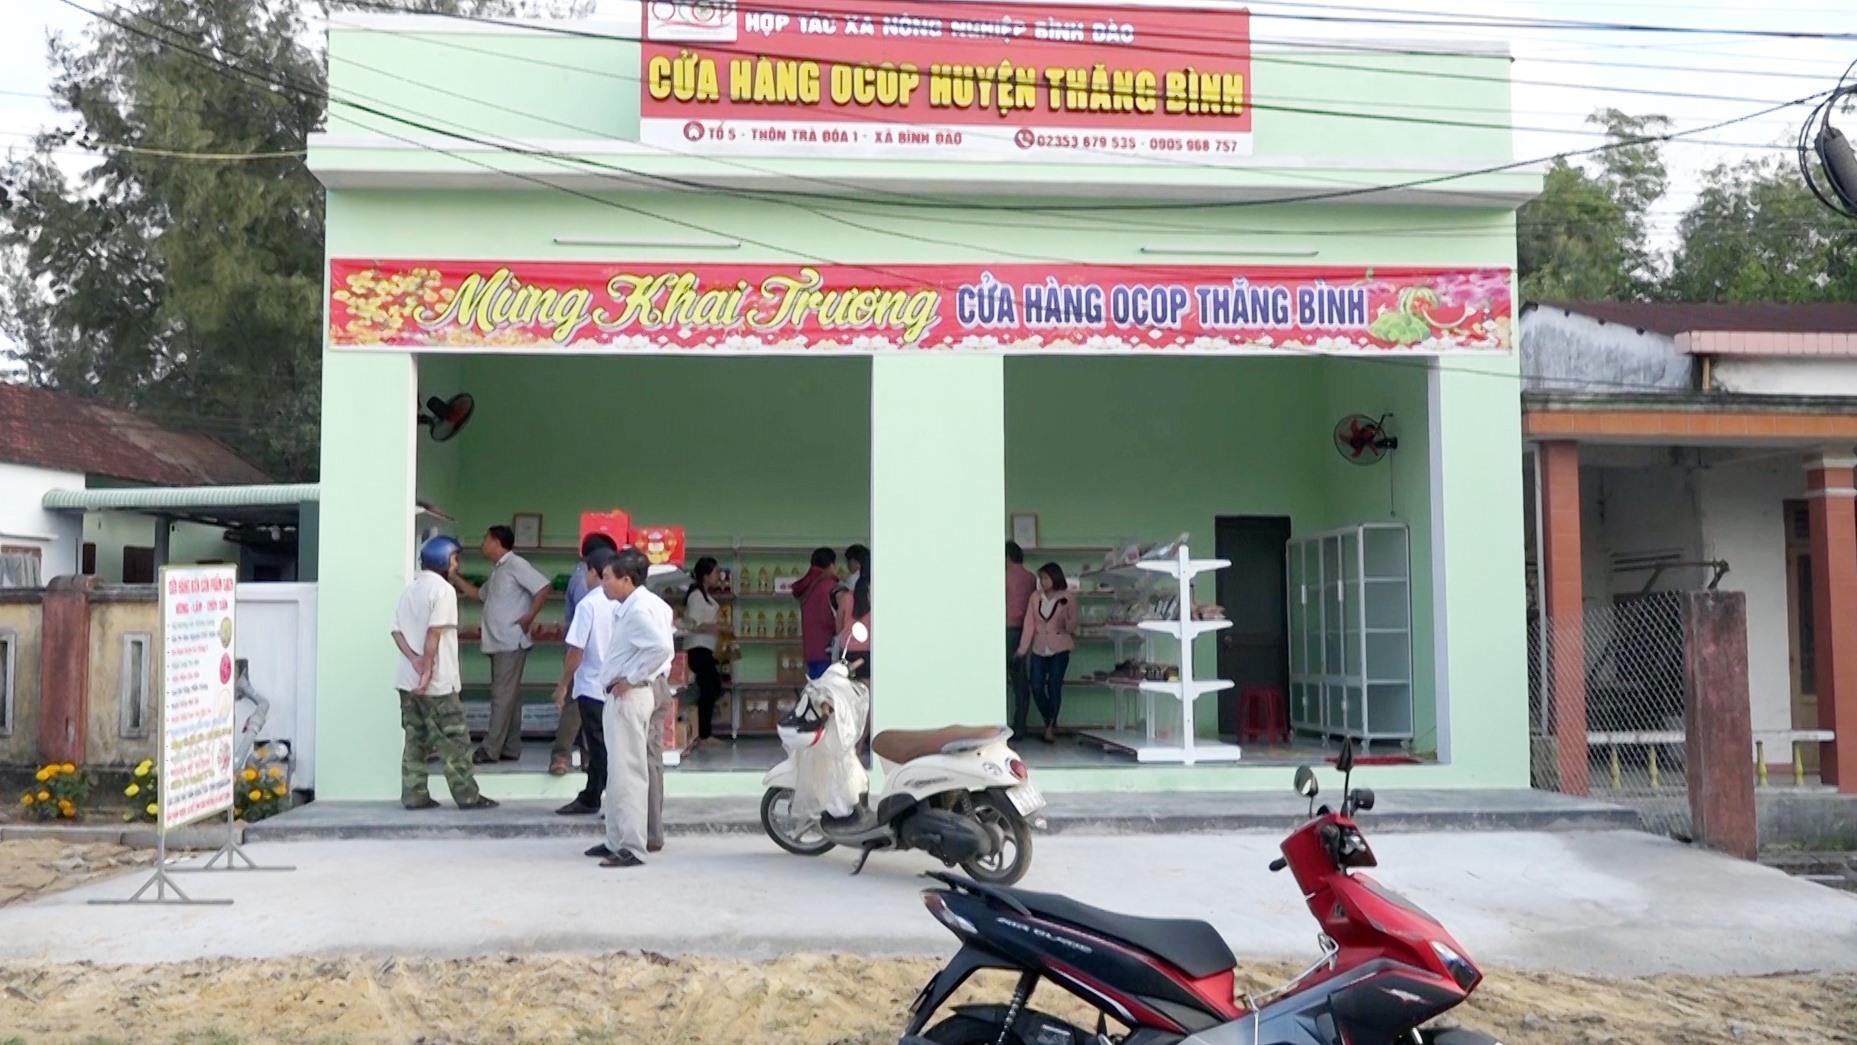 Đến cuối năm 2021, huyện Thăng Bình có 4 điểm bán hàng, điểm trưng bày sản phẩm OCOP. Ảnh: M.T